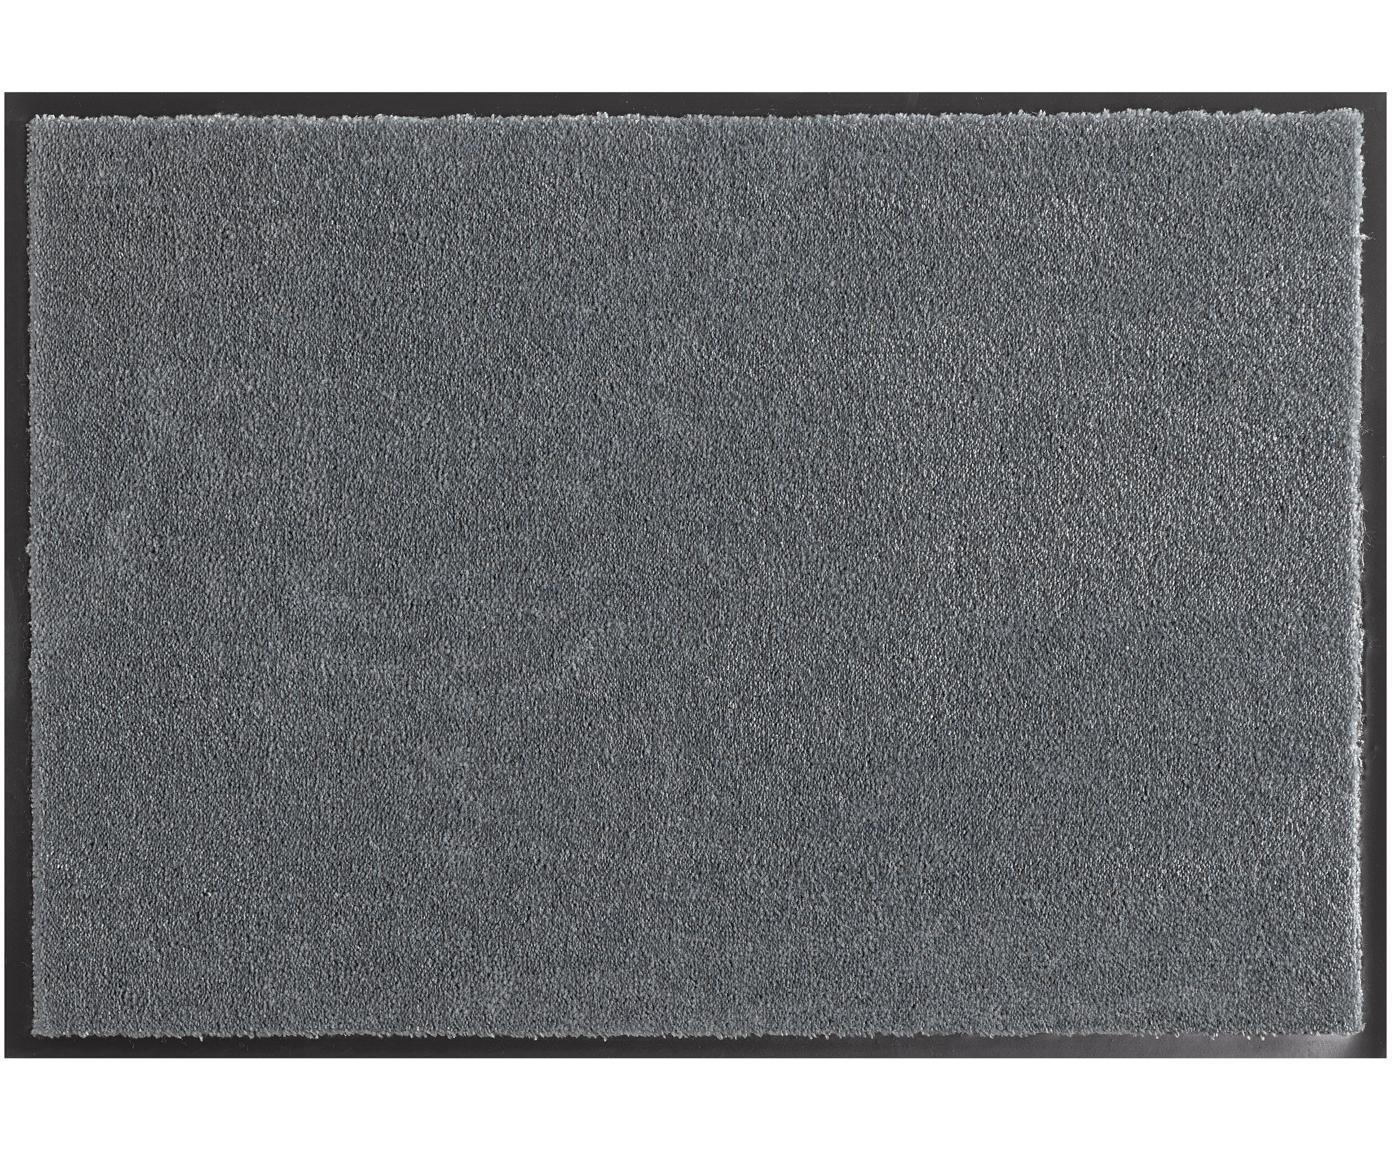 Polyamide deurmat Milo, Bovenzijde: polyamide, Onderzijde: rubber, Grijs, 39 x 58 cm